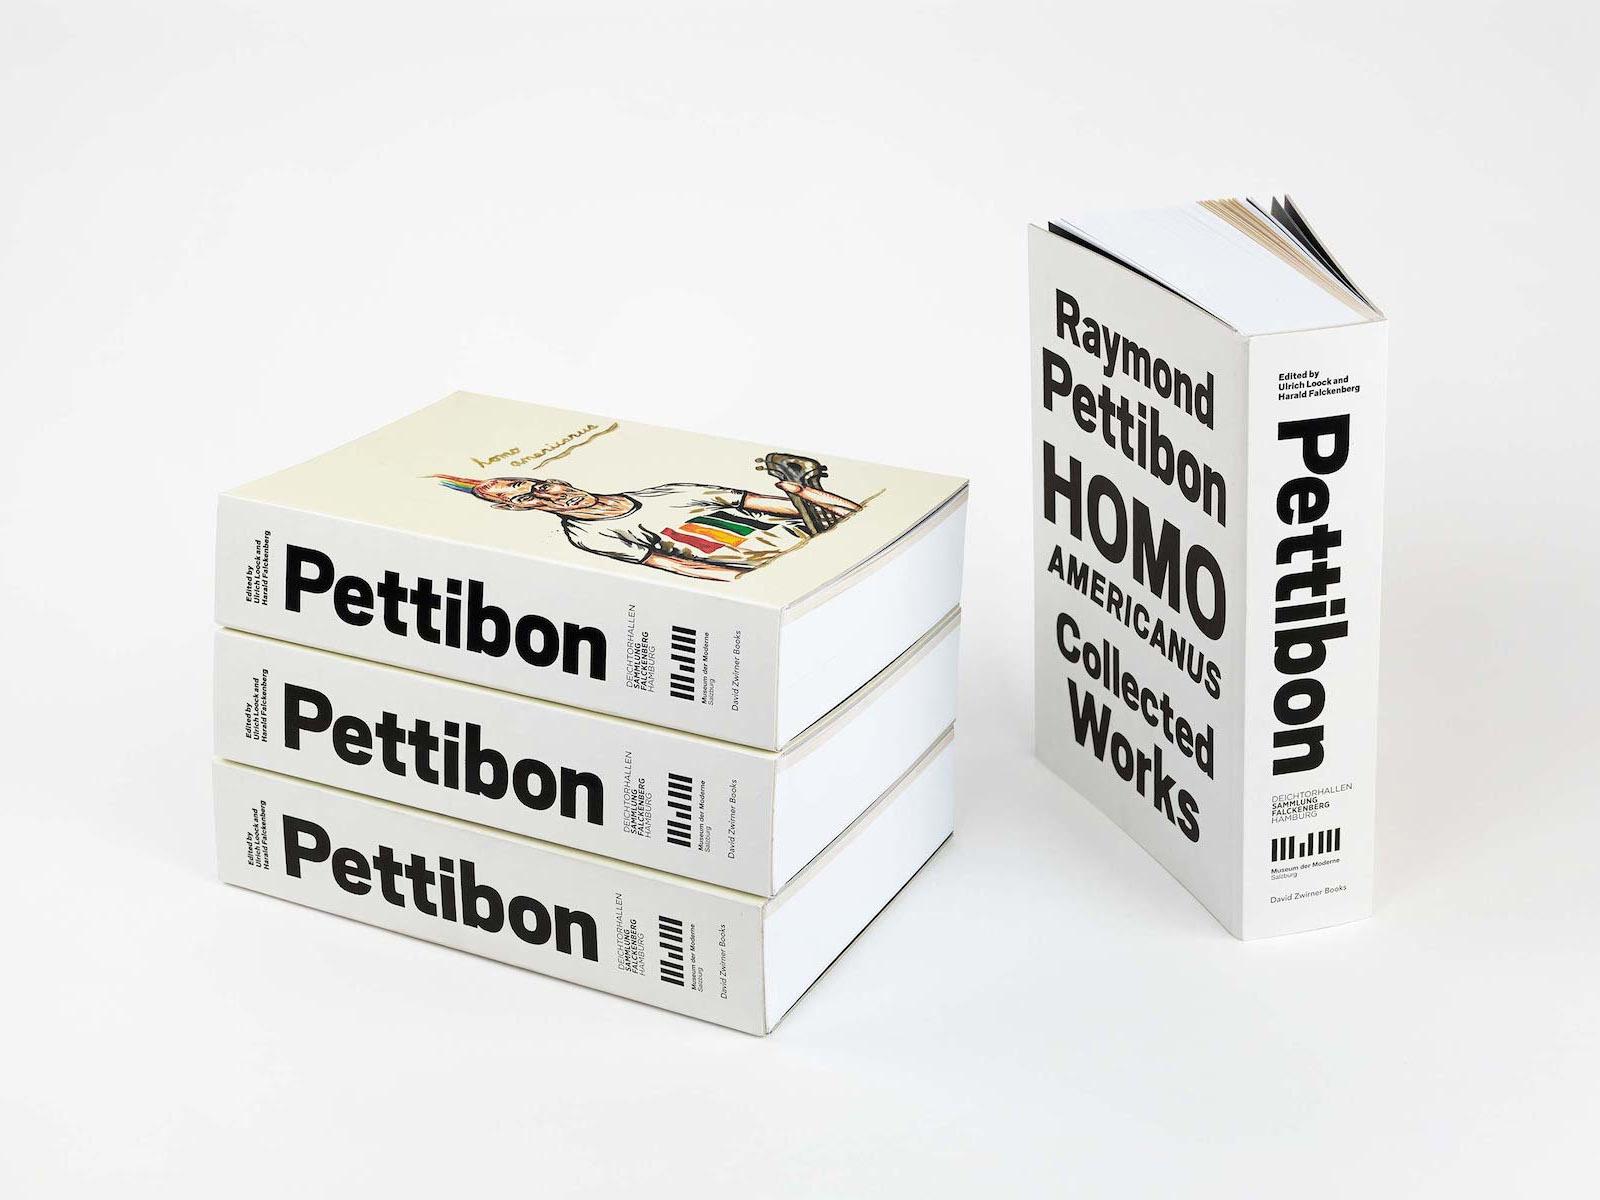 RAYMOND PETTIBON – レイモンド・ペティボン コレクターズブック入荷!